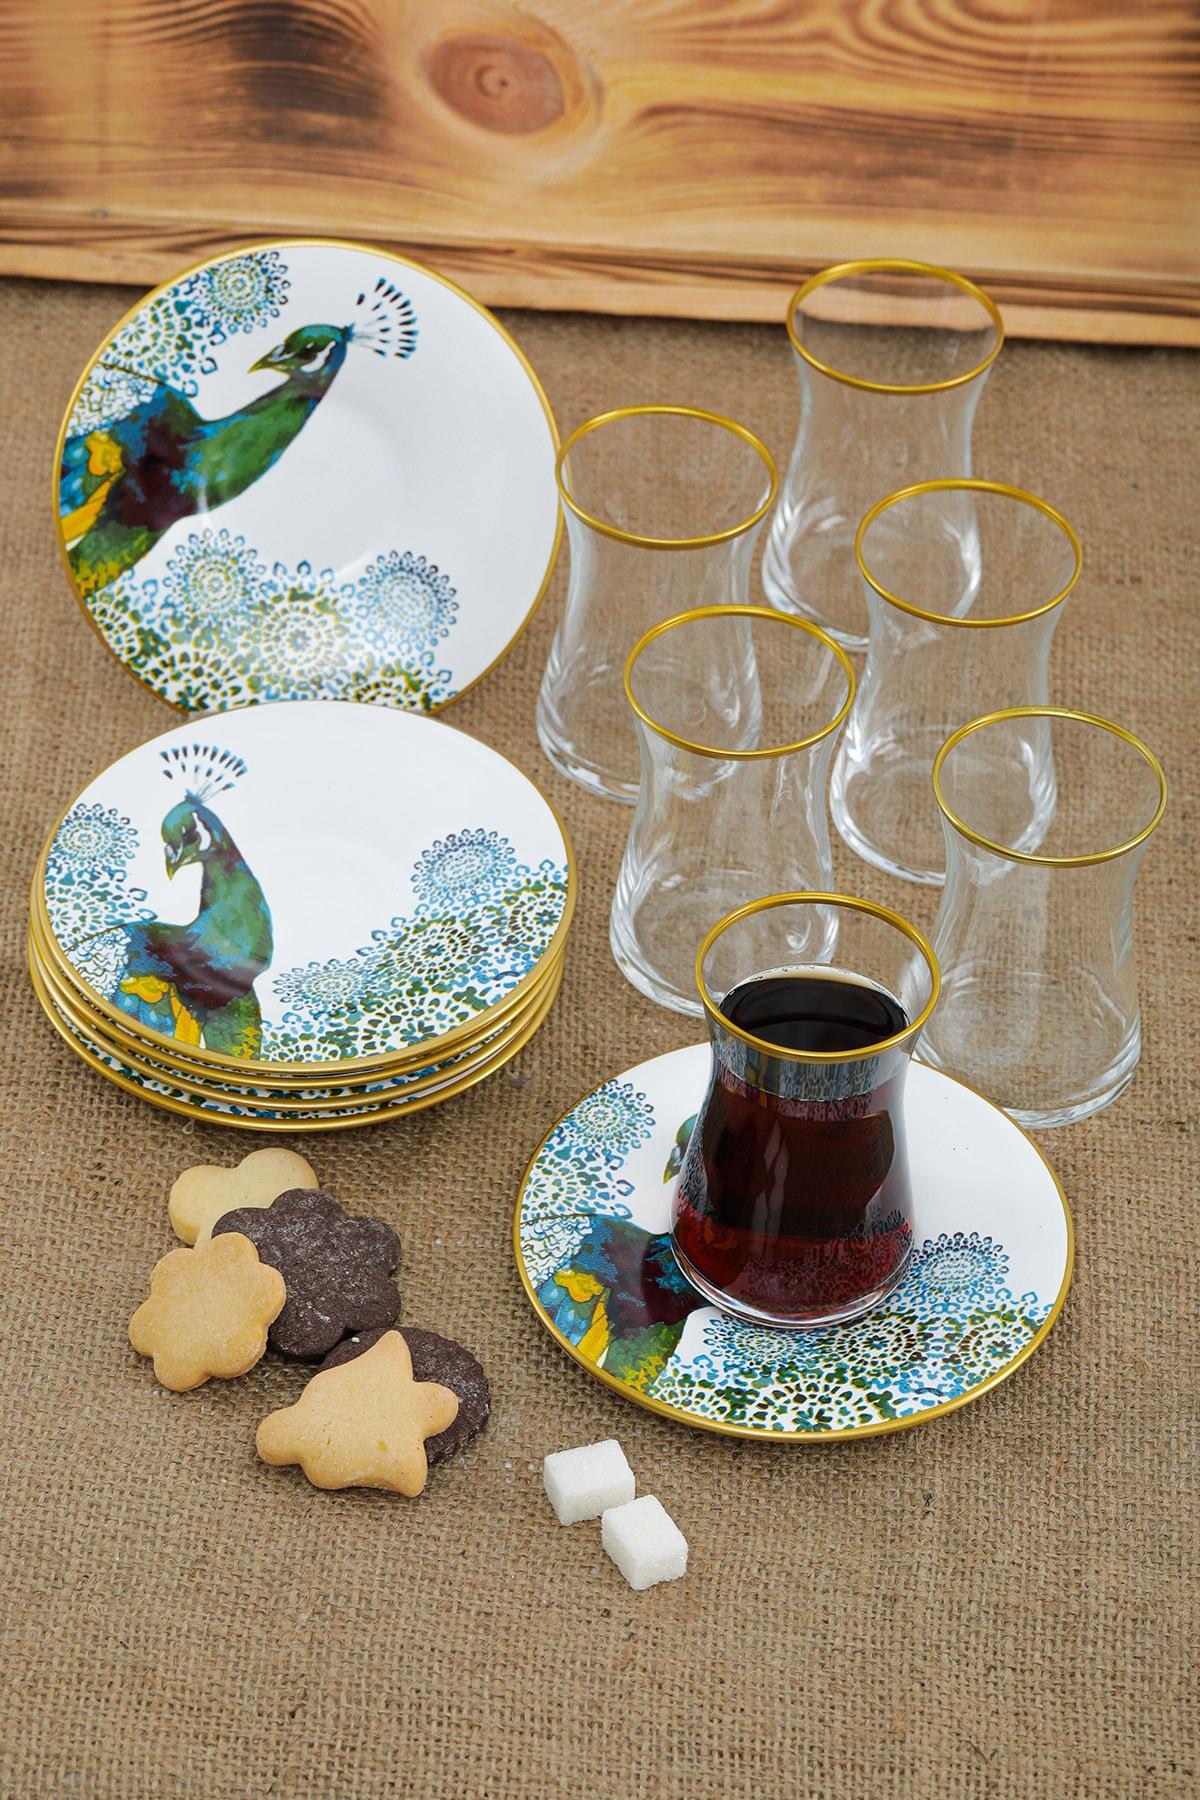 Laluxe Tavuskuşu Desenli 12 Parça Seramik Çay Bardağı Takımı Seti 1